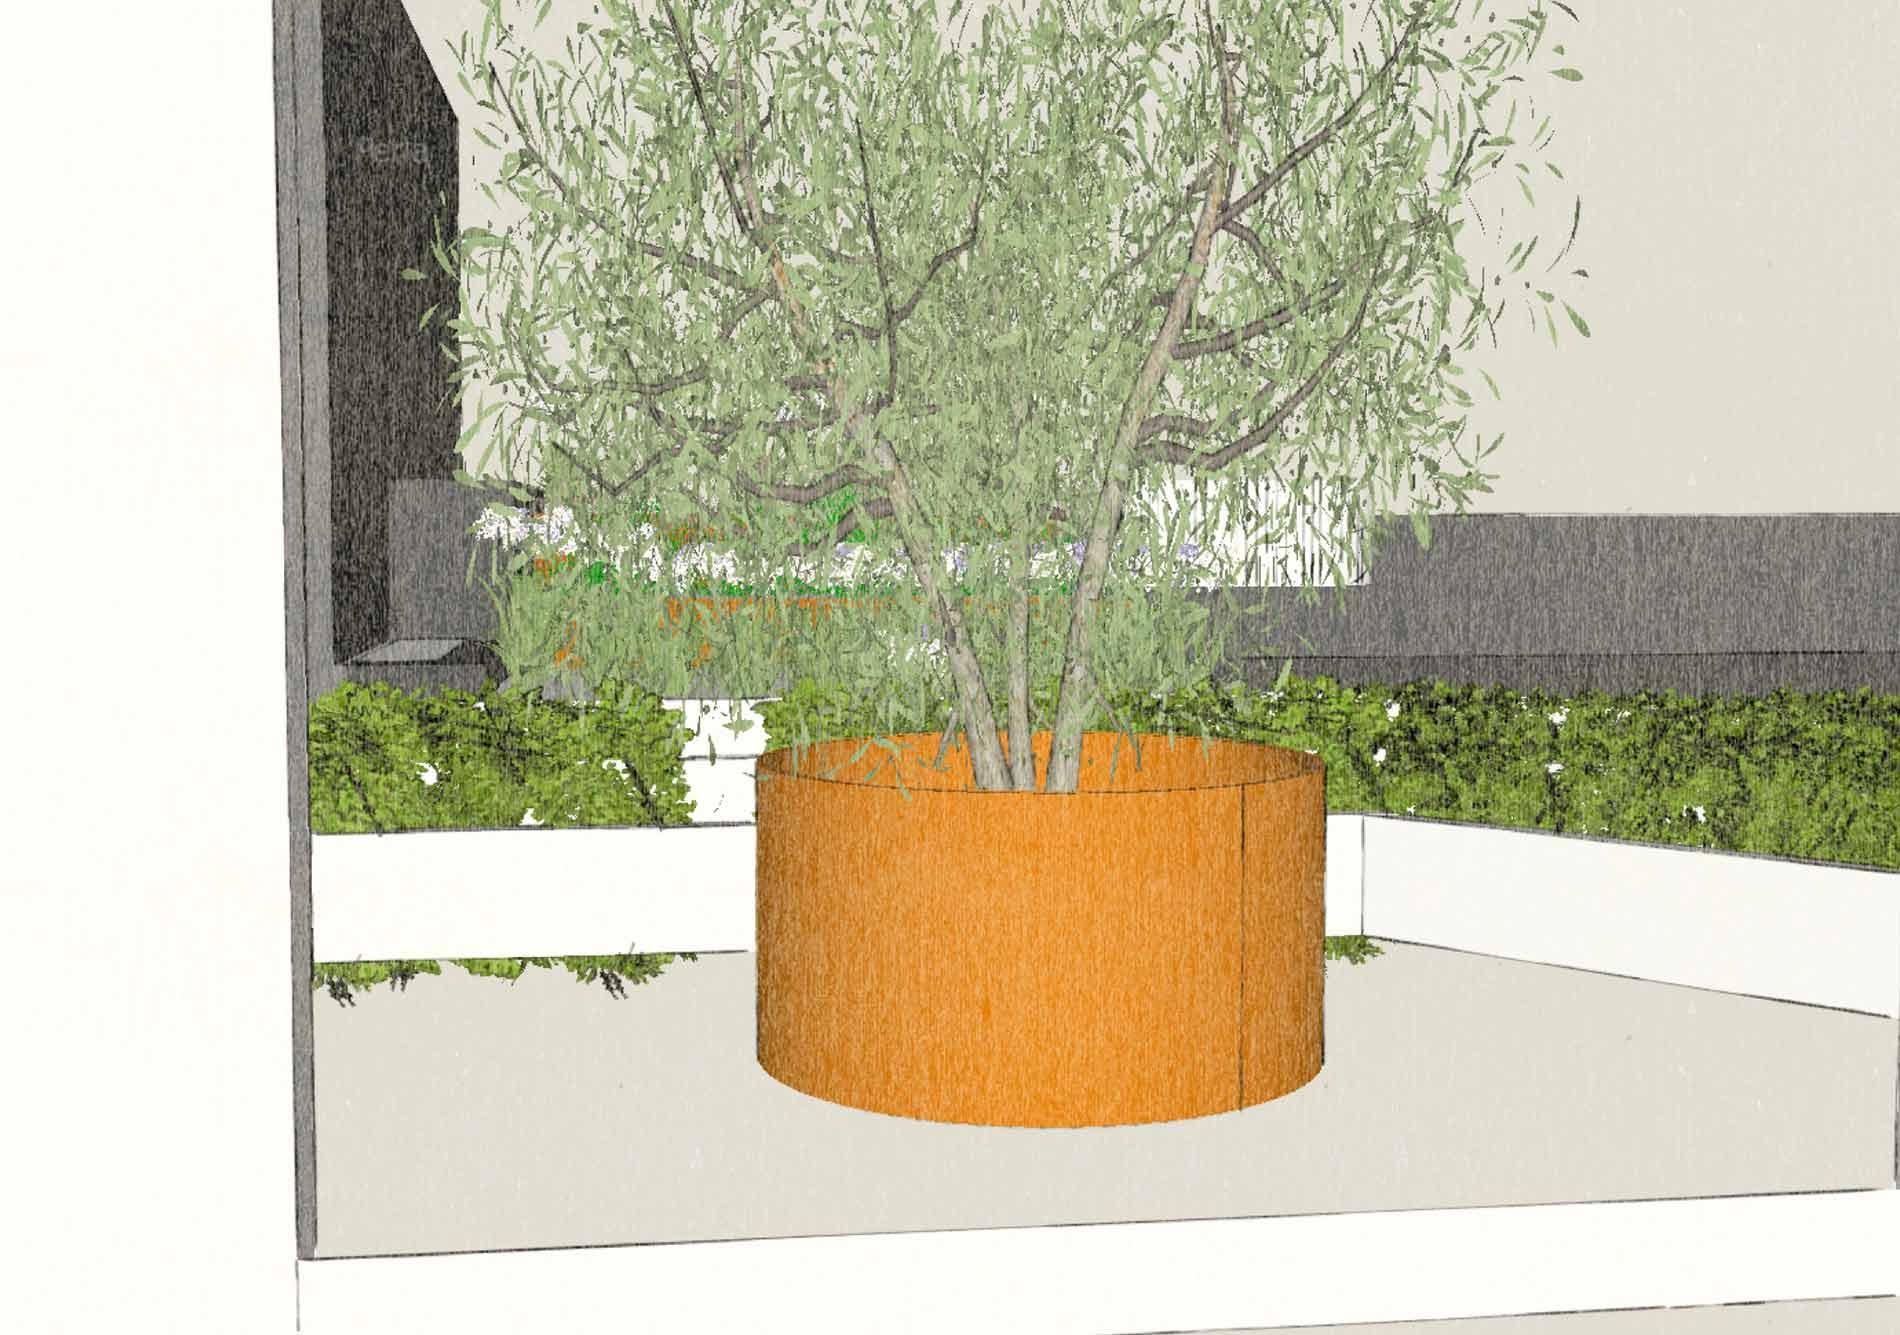 Tenerife 3D Corten steel planter